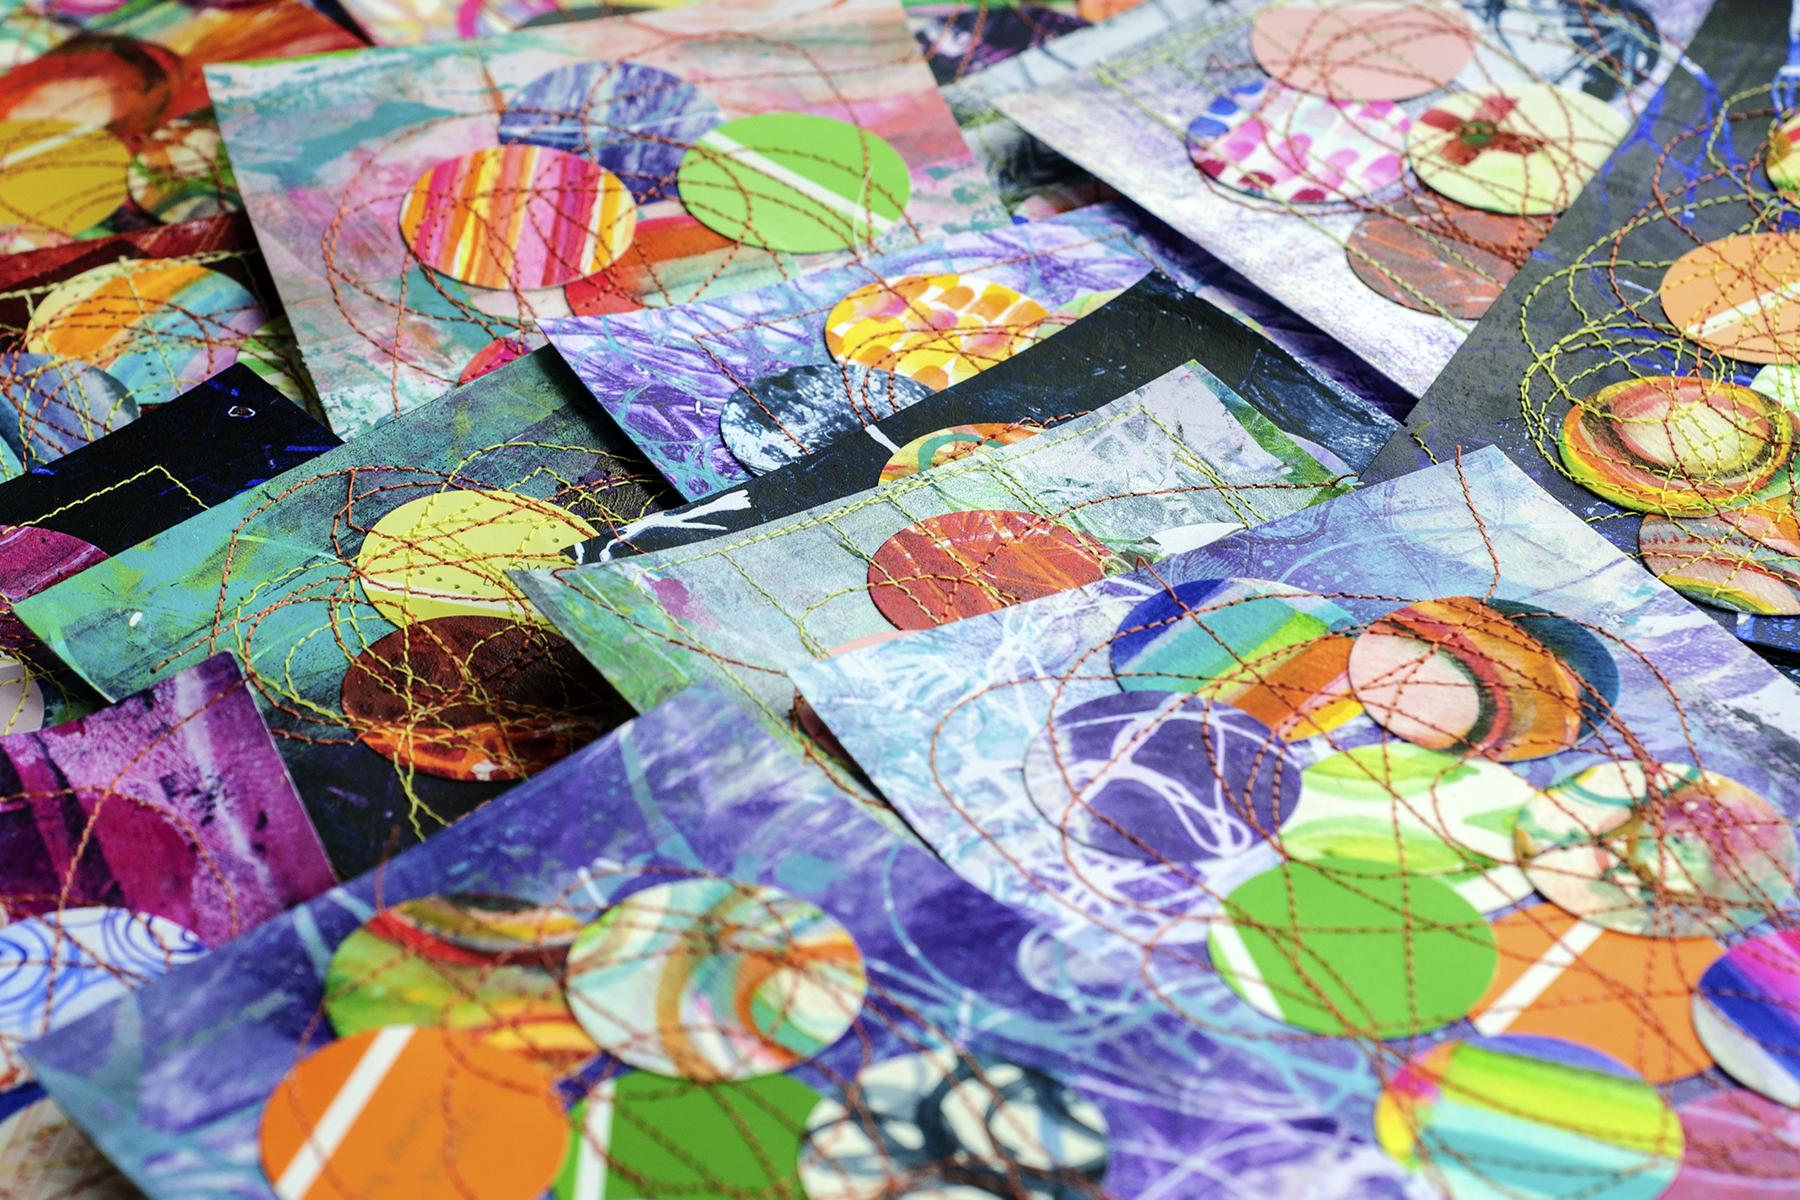 Collaged gelatin prints, artwork by Tammy Garcia.